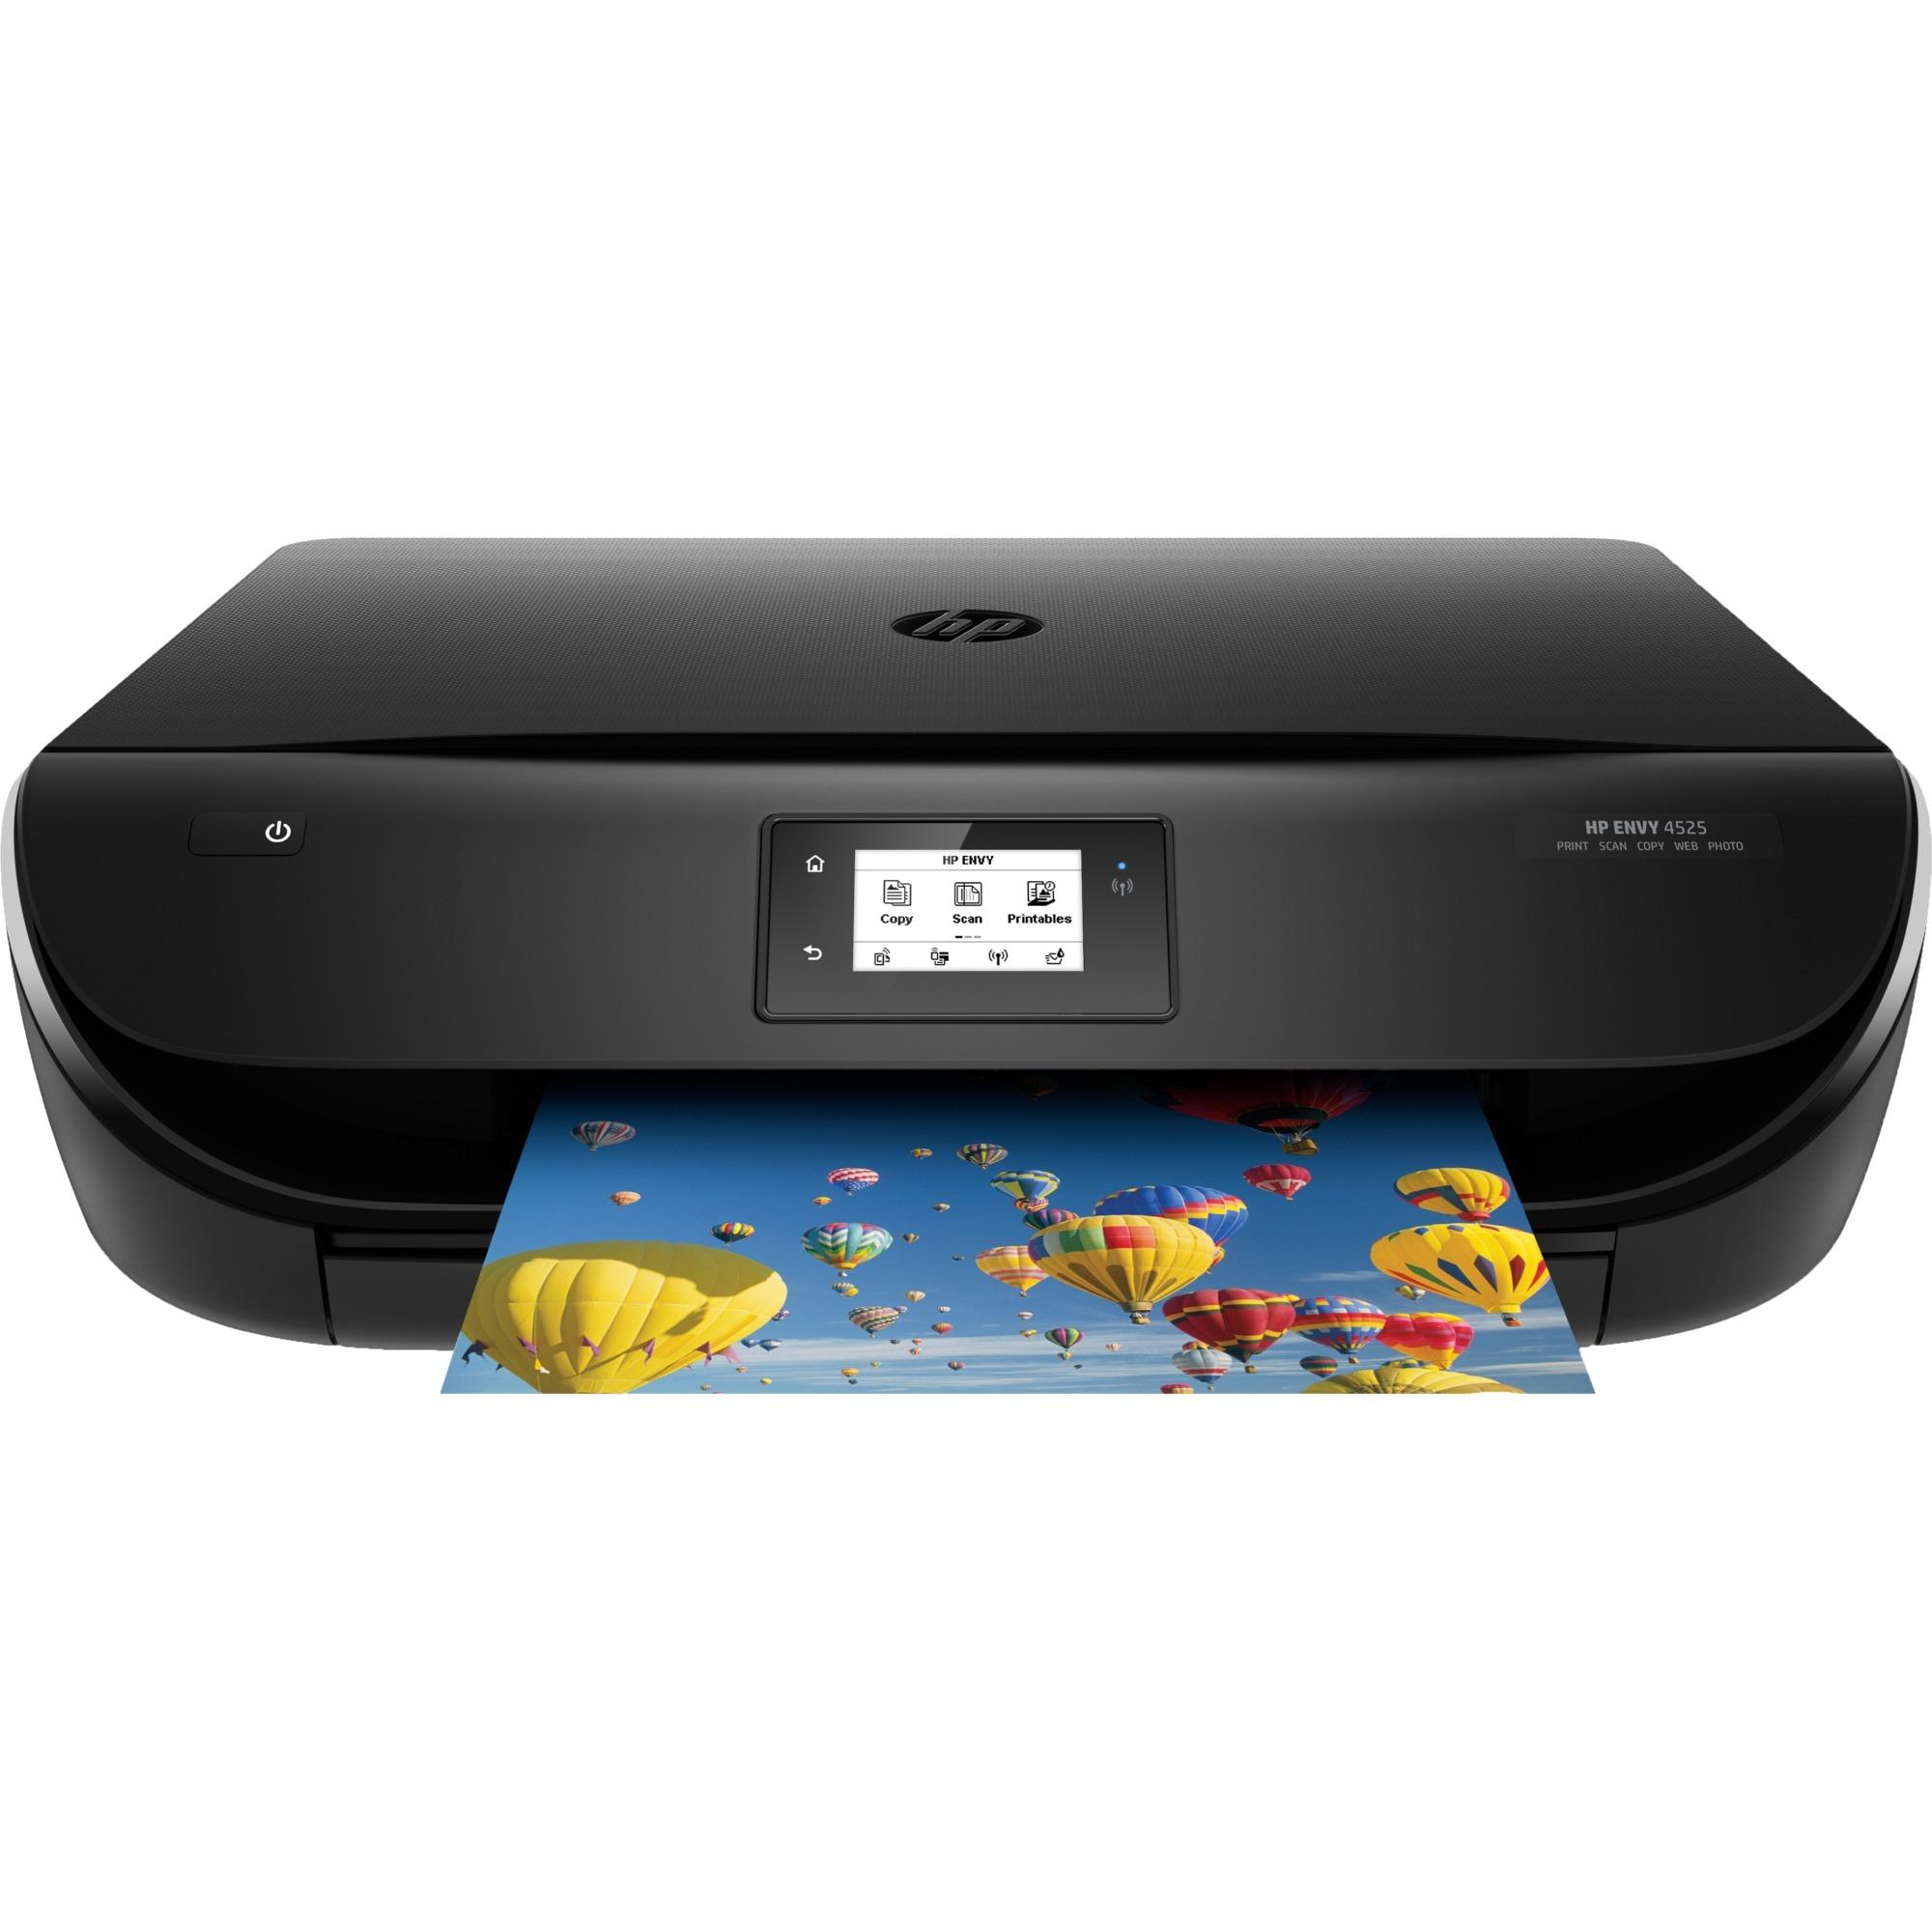 ENVY Imprimante tout-en-un 4525, Imprimante multifonction